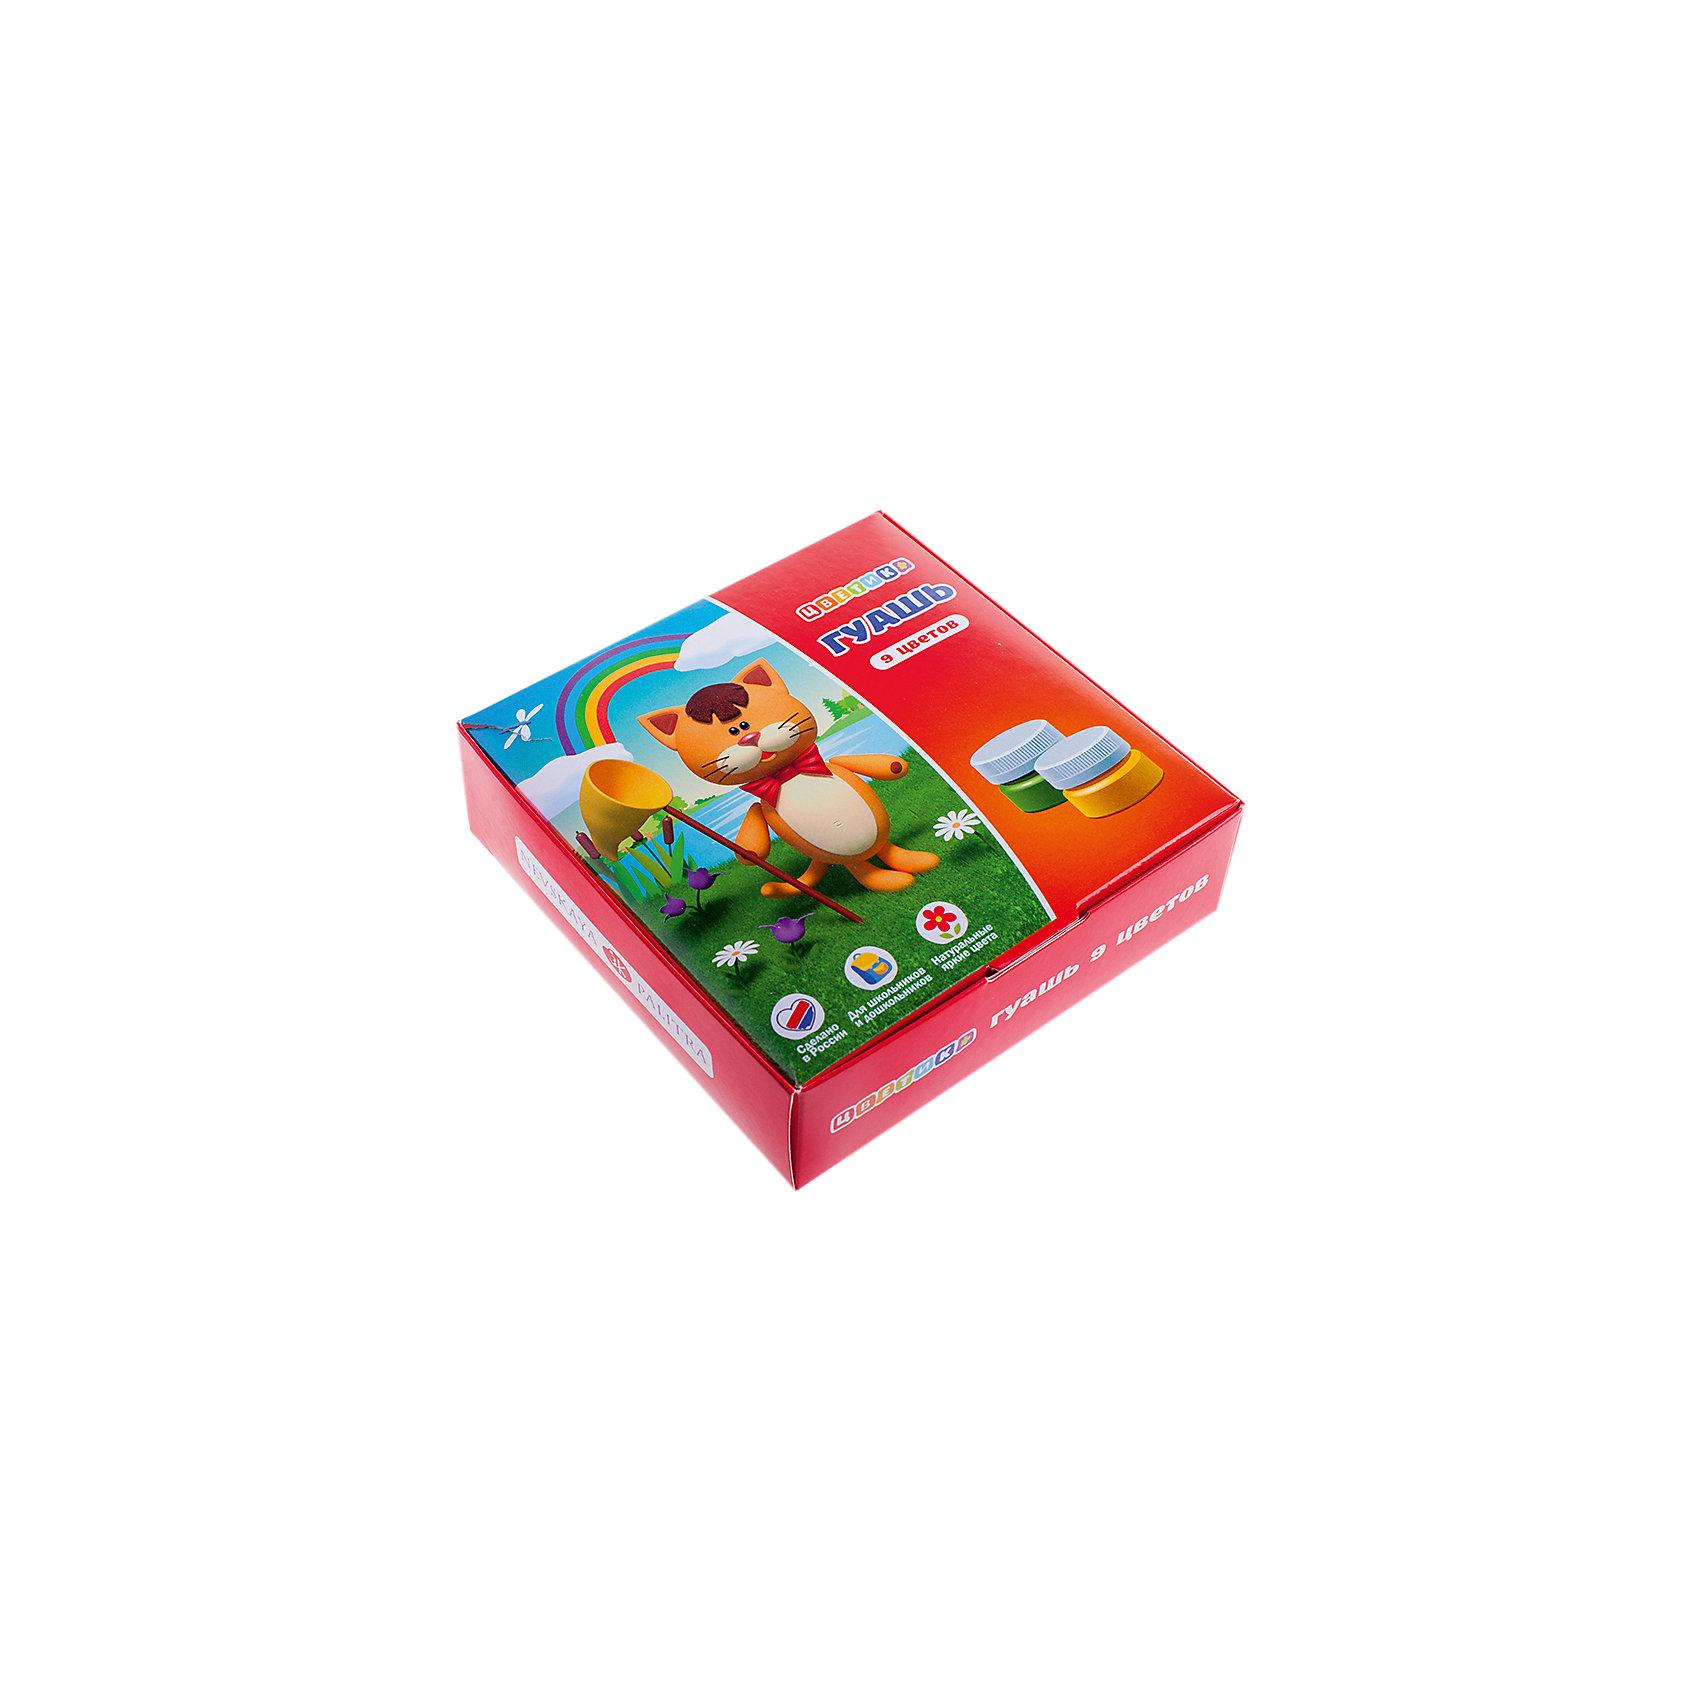 Гуашь 9 цветов 20мл ЦветикРисование и лепка<br>Тип: гуашь<br>Количество цветов: 9 <br>Объем общий: 180<br>Объем емкости: 20<br>Емкость: баночка<br>Упаковка ед. товара: картонная коробка<br>Наличие европодвеса: нет<br>Перламутровый эффект: нет<br>Флуоресцентный эффект: нет<br>Золото: нет<br>Серебро: нет<br>Кисть: нет<br>Гуашевые краски «ЦВЕТИК» созданы специально для детского творчества и декоративно-оформительских работ. Они легко наносятся на бумагу и картон. При высыхании приобретают матовую, бархатистую поверхность, легко размываются водой. Перед применением краску перемешать. Храните краски в плотно закрытой таре. При попадании красок на кожу смойте водой.<br><br>Ширина мм: 273<br>Глубина мм: 273<br>Высота мм: 17<br>Вес г: 315<br>Возраст от месяцев: 84<br>Возраст до месяцев: 2147483647<br>Пол: Унисекс<br>Возраст: Детский<br>SKU: 7044194